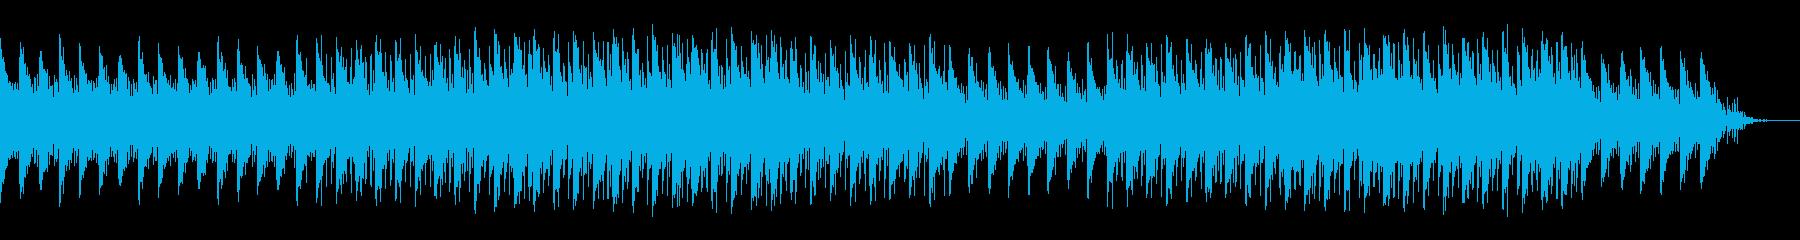 近未来的でさわやかな曲の再生済みの波形